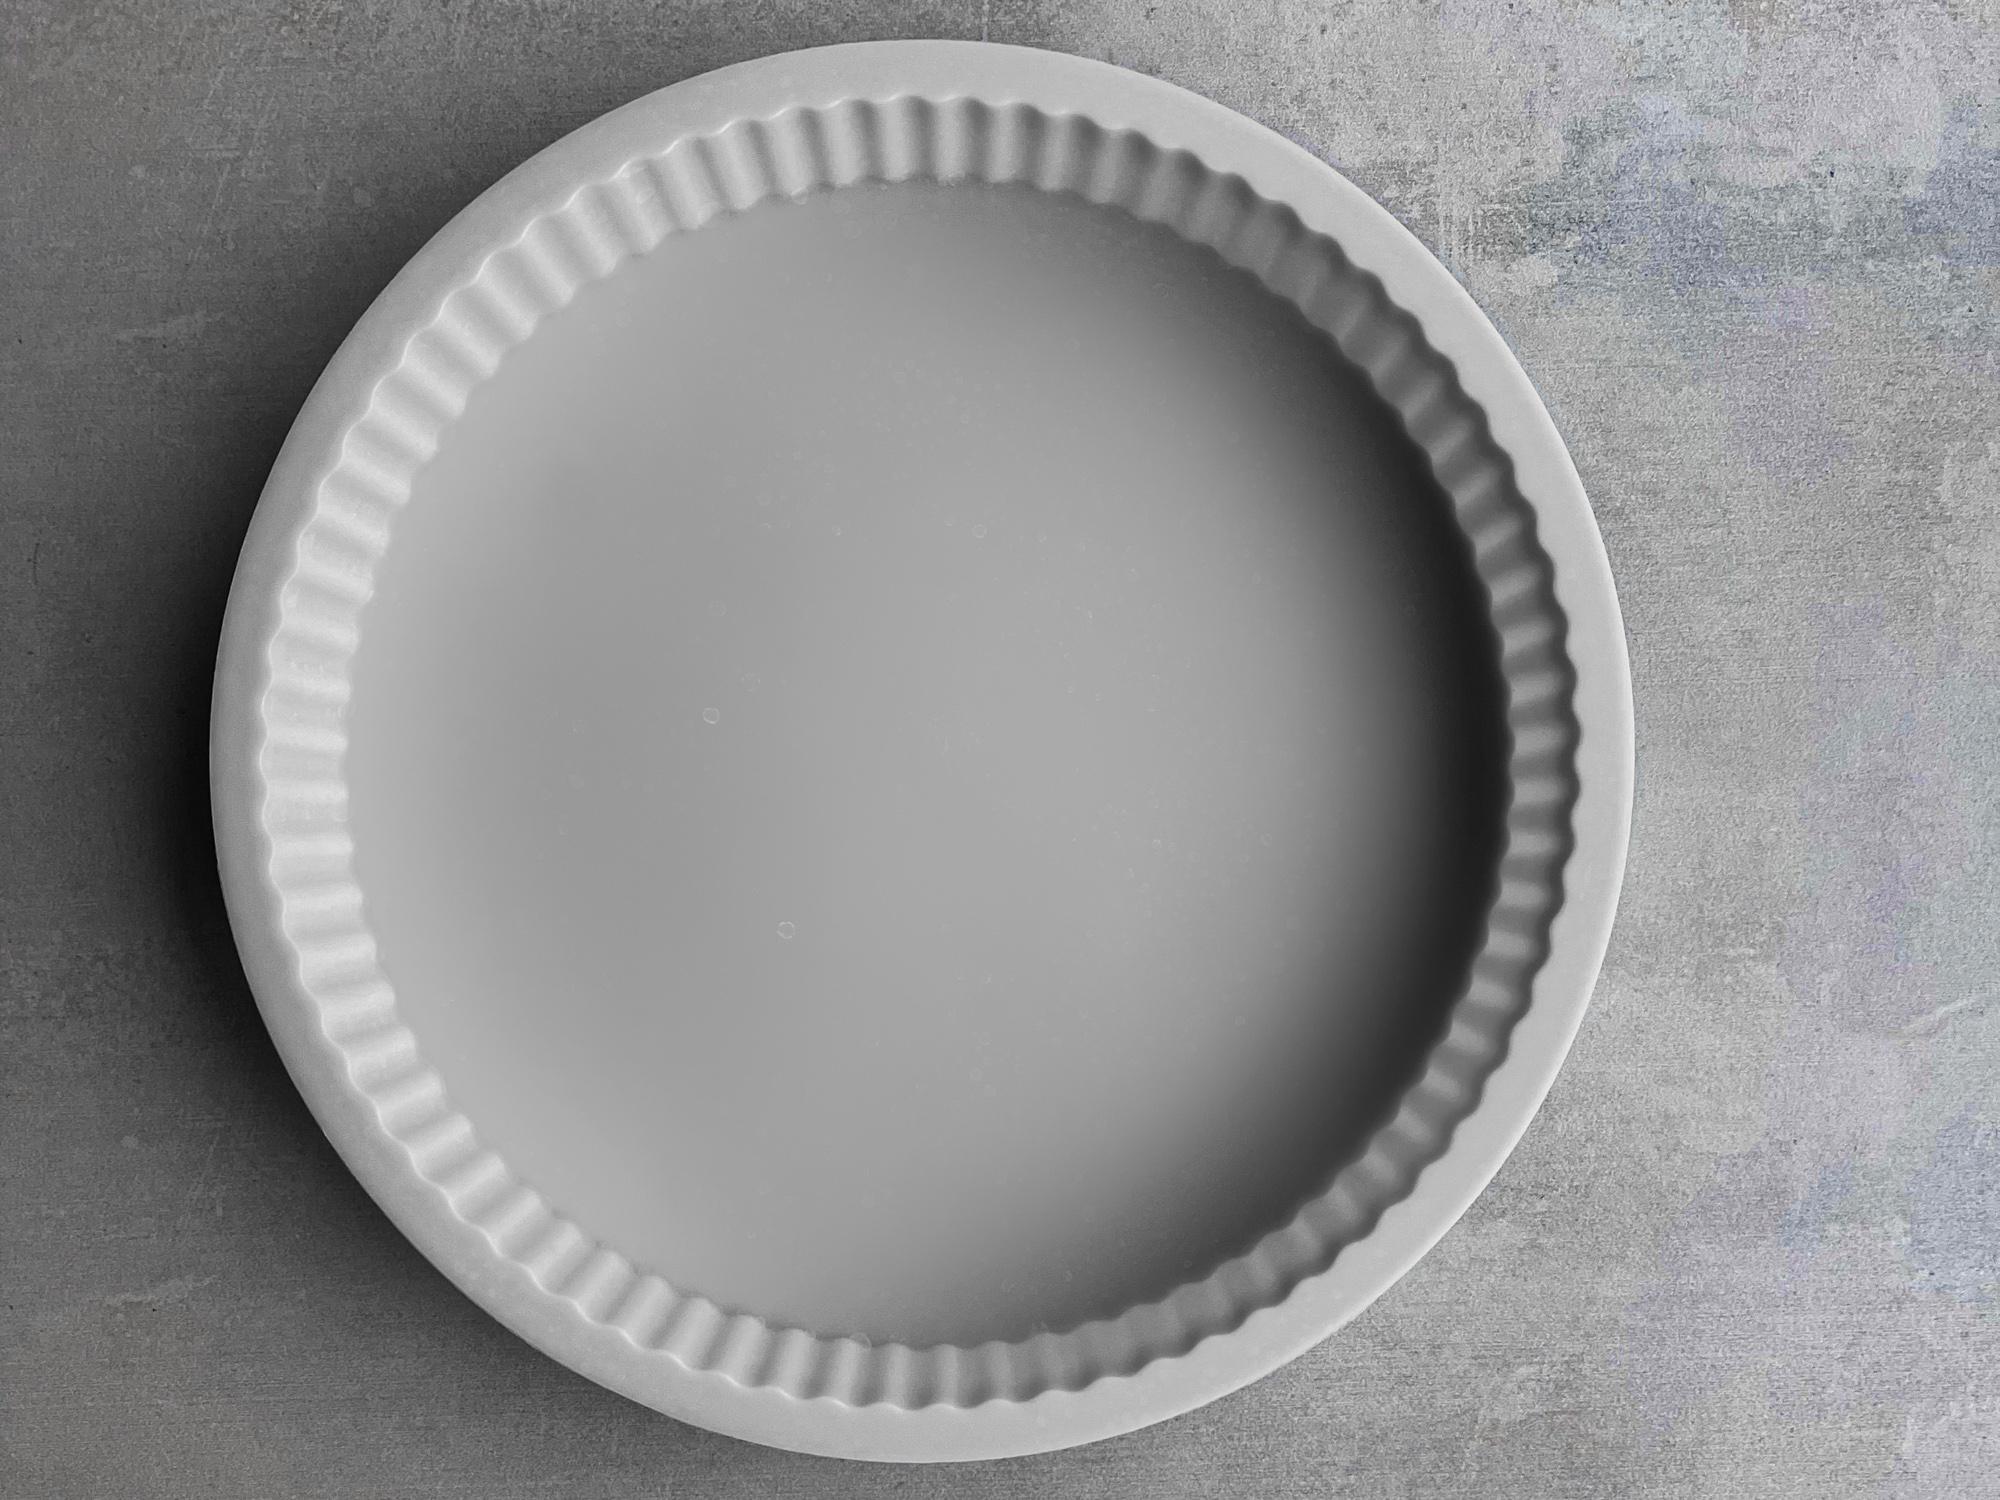 Kuchenform Silikon 25cm Rohkostkuchen Rohkosttorte